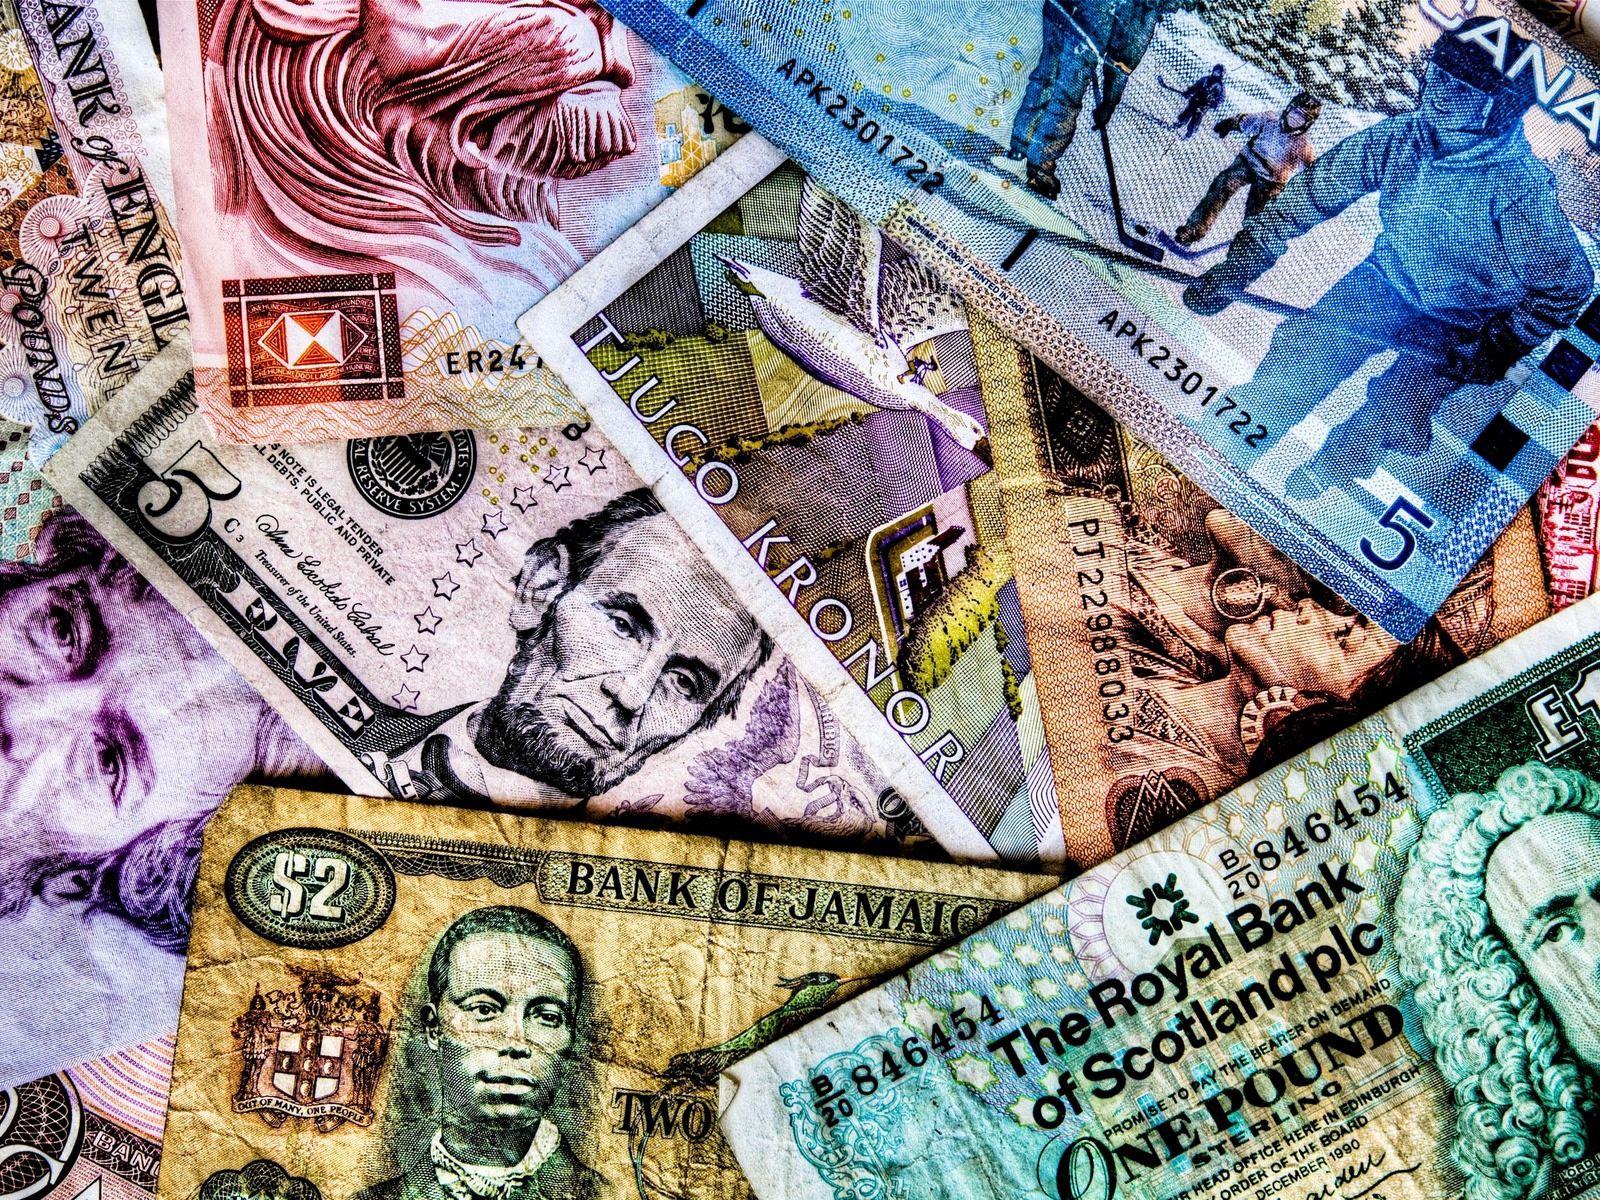 148709 Заставки и Обои Деньги на телефон. Скачать Банкноты, Деньги, Разное, Купюры, Билет картинки бесплатно